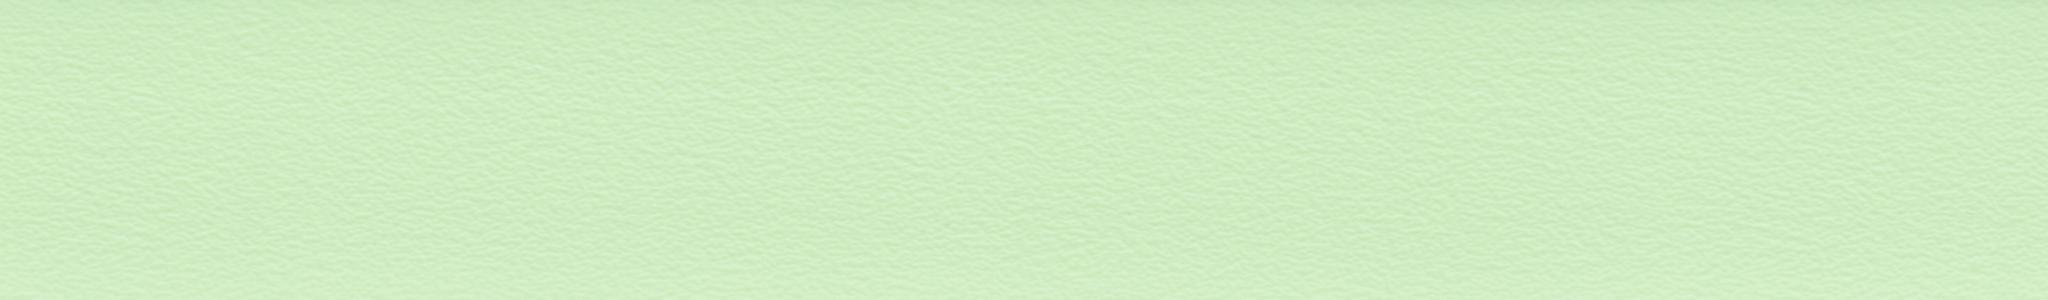 HU 160610 ABS hrana zelená světlá perla 101